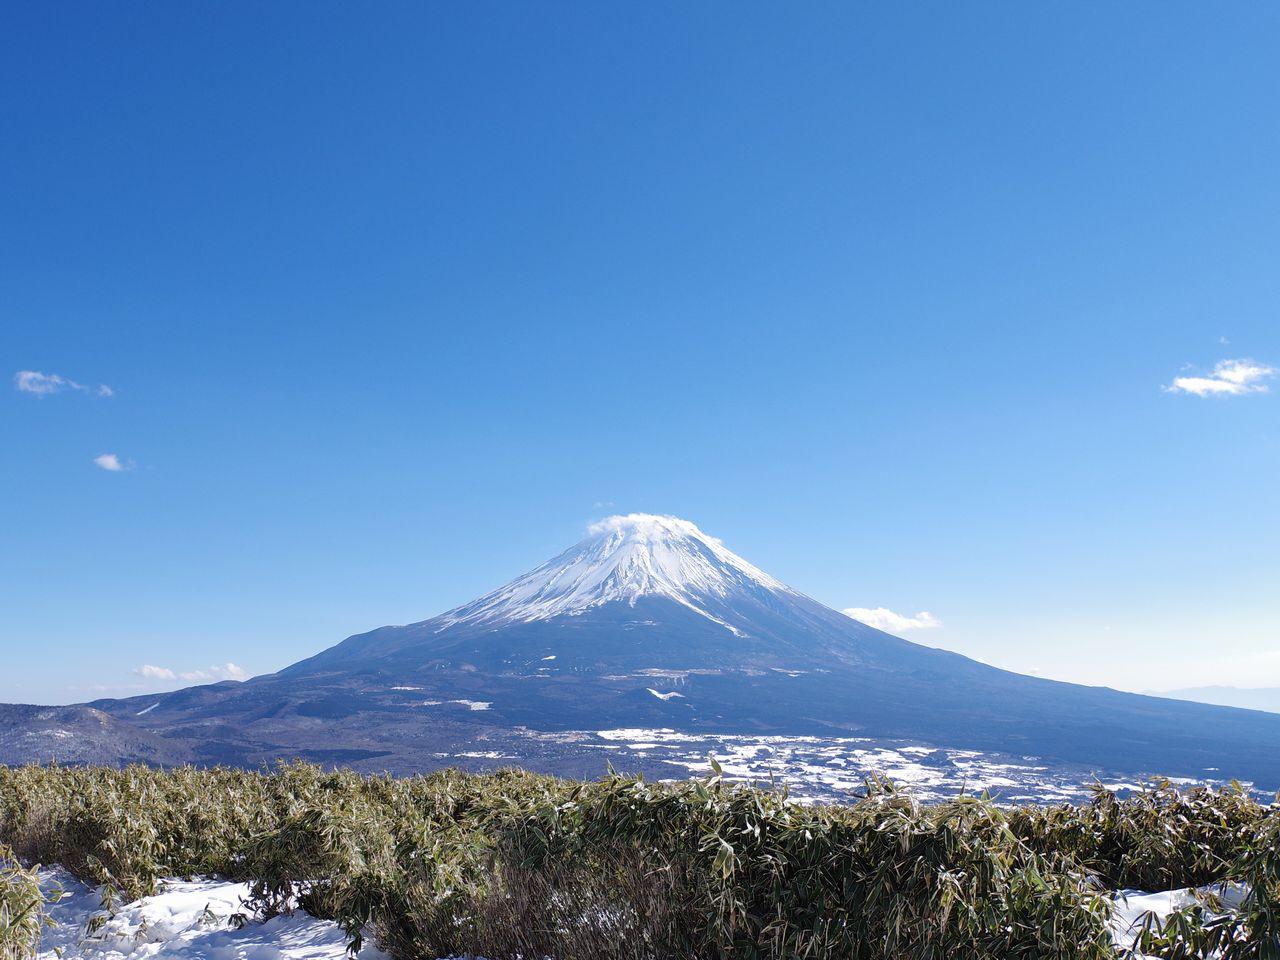 竜ヶ岳山頂から見た富士山